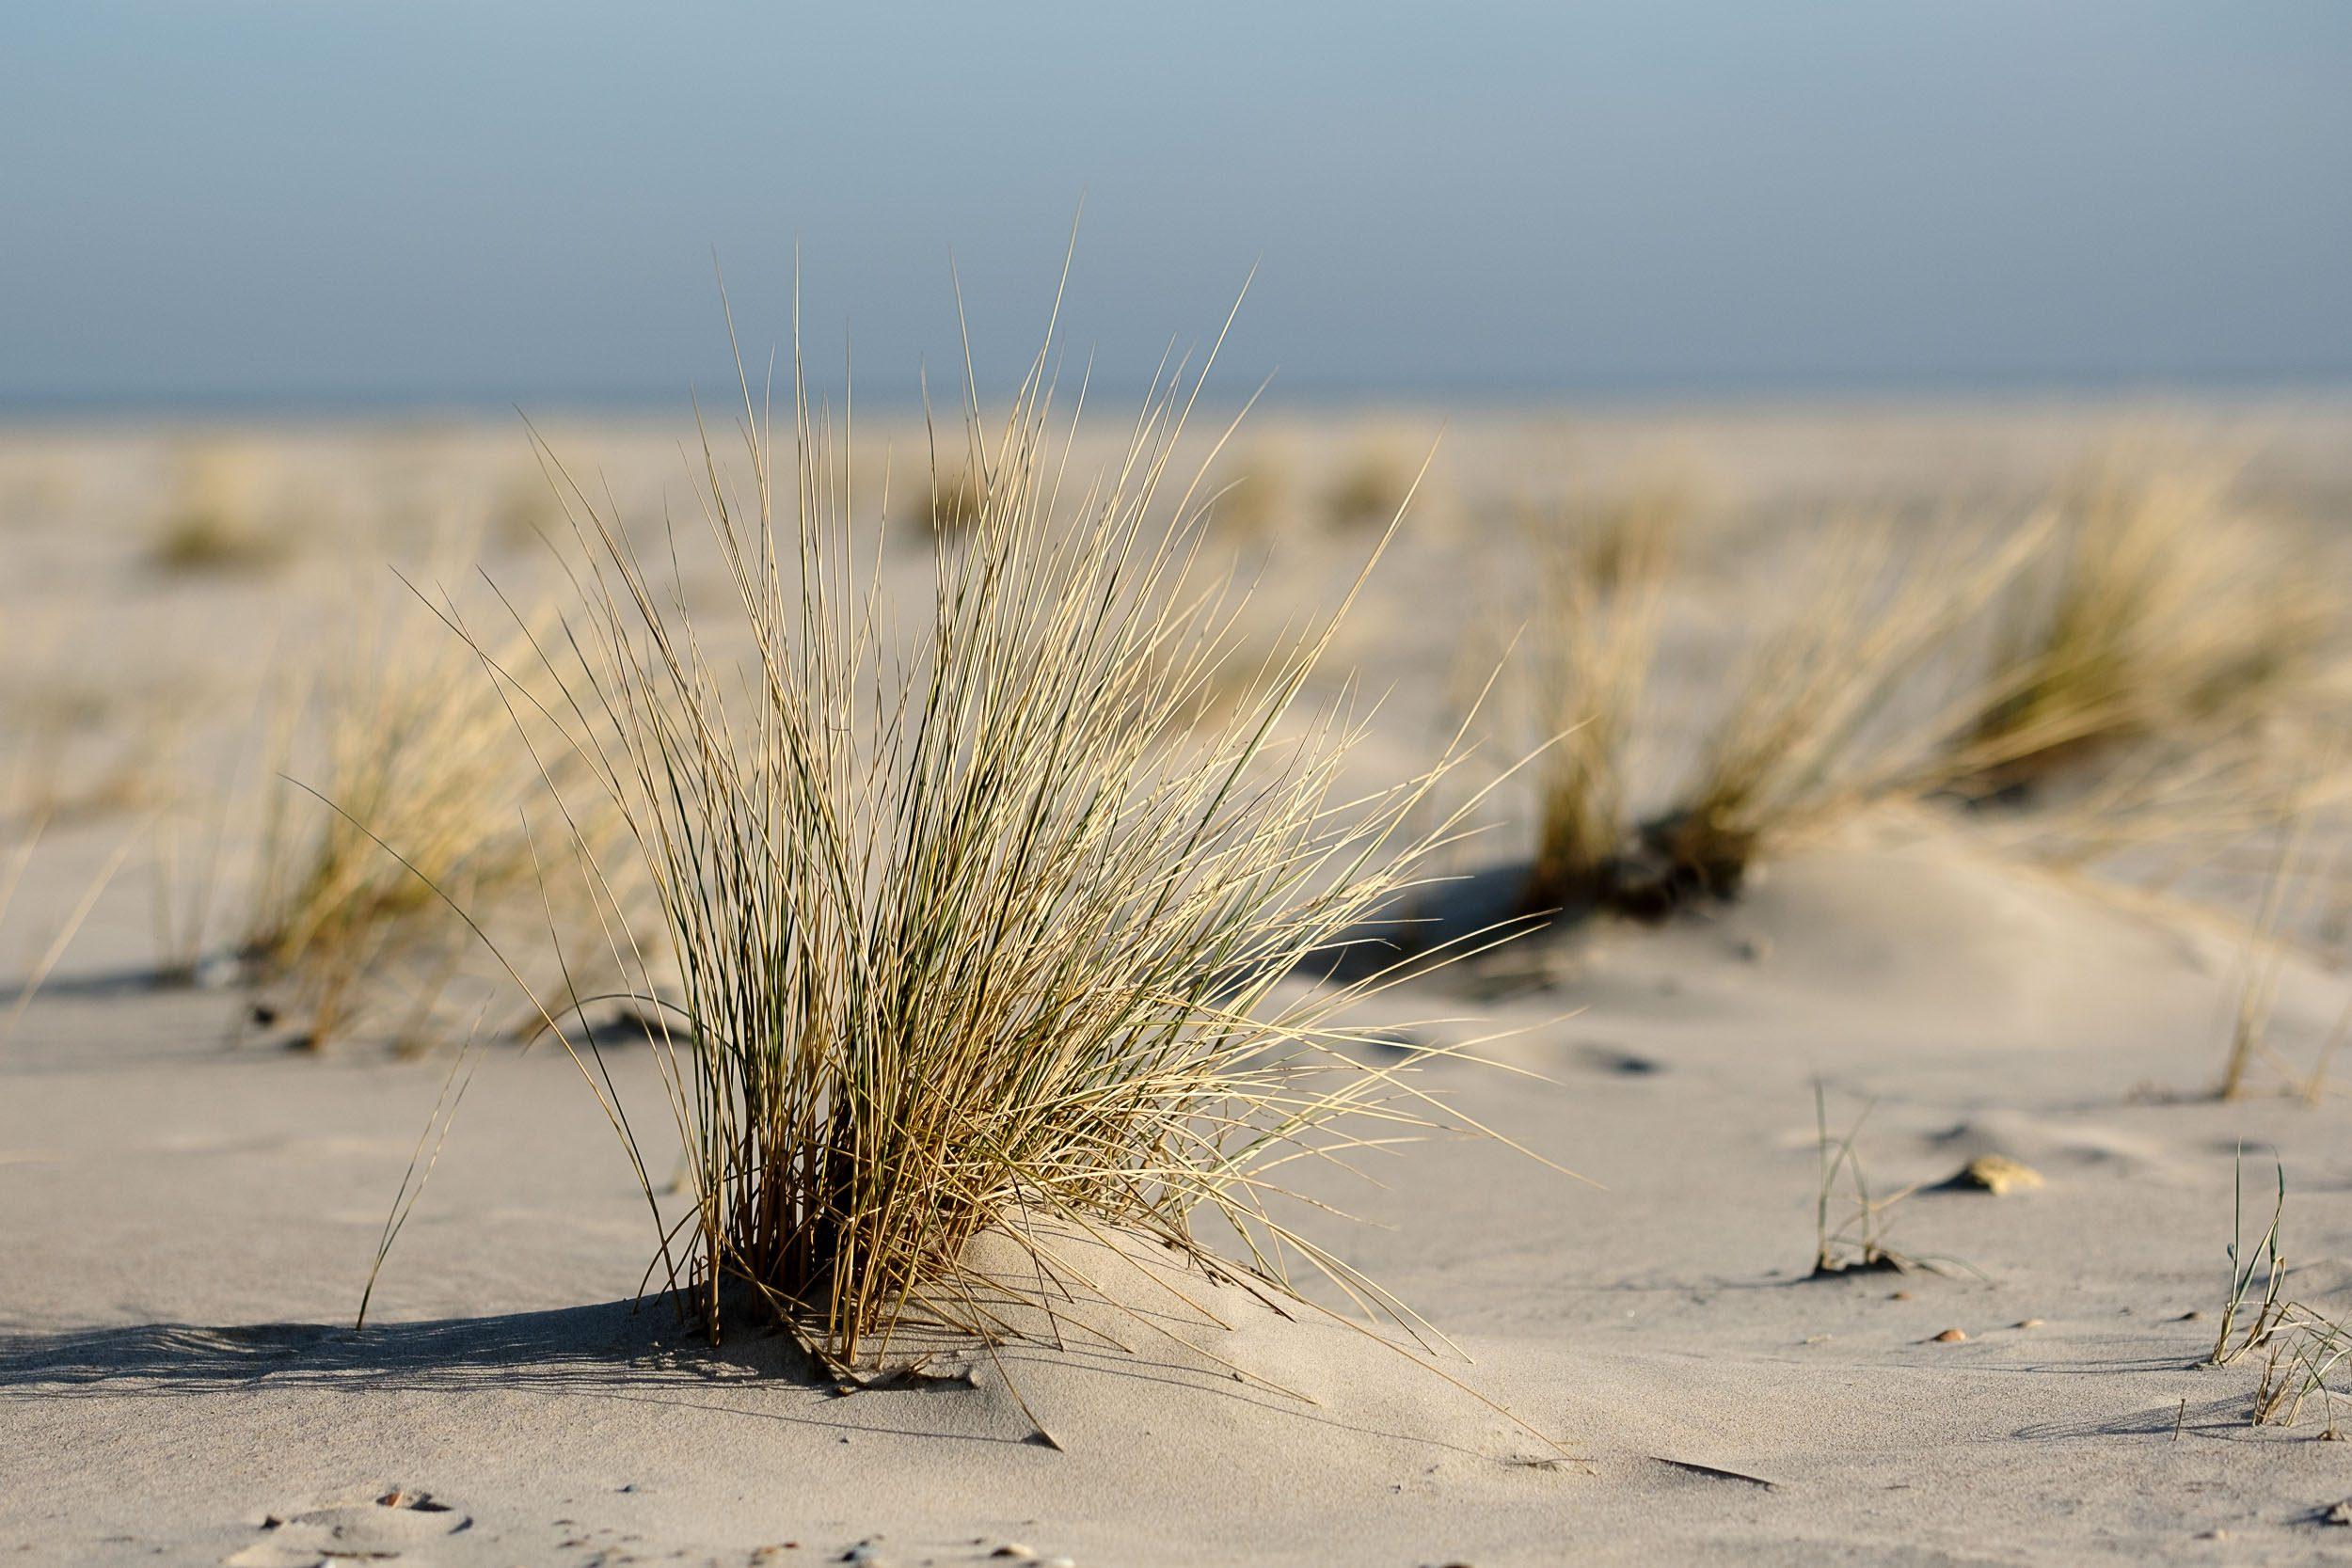 Dünengras Strand Norderney